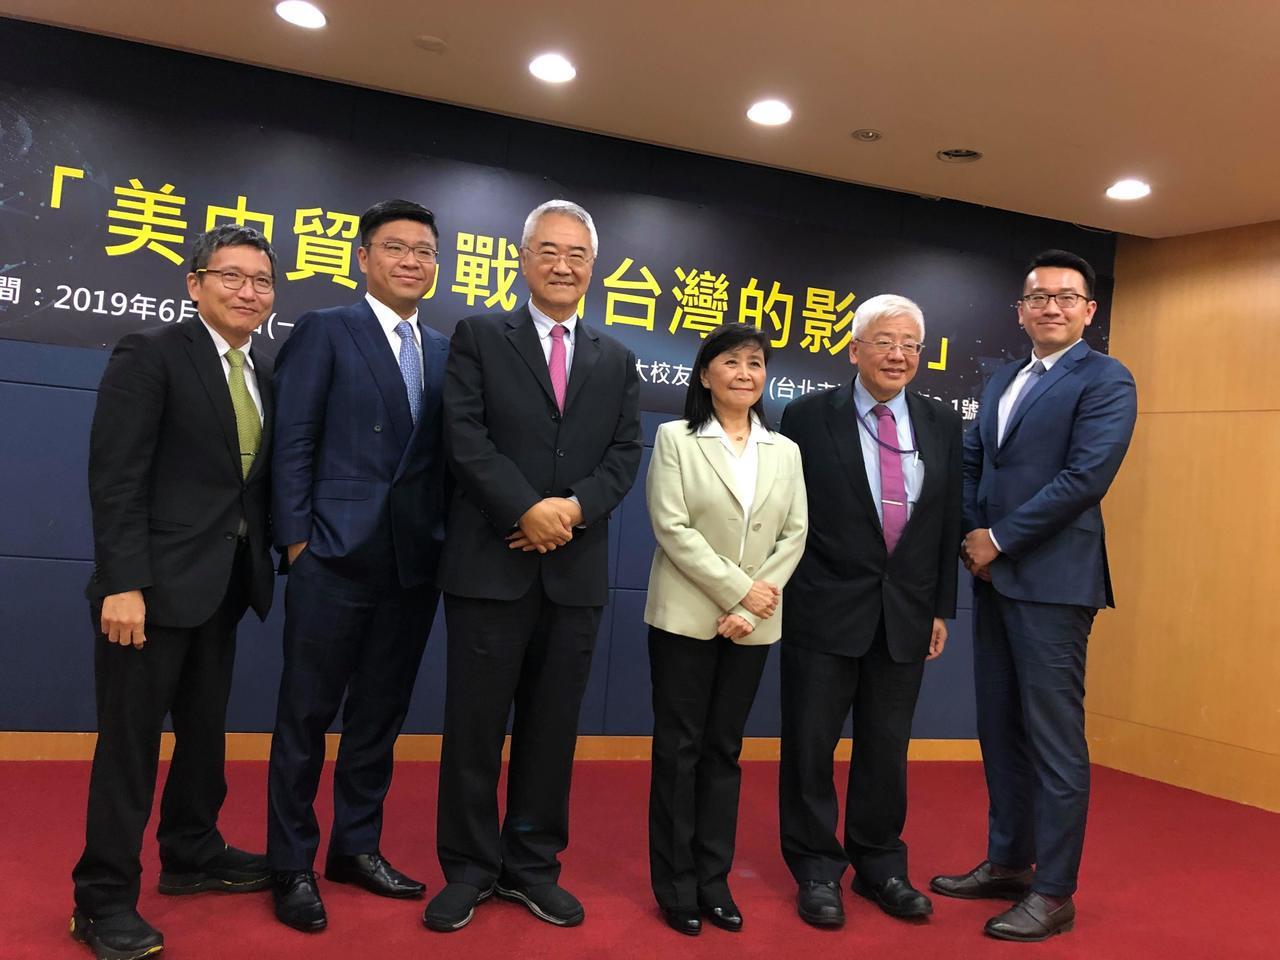 台新投顧總經理李鎮宇(左二)於北威夏季論壇表示,聯準會降息意味著景氣不佳,應該不...